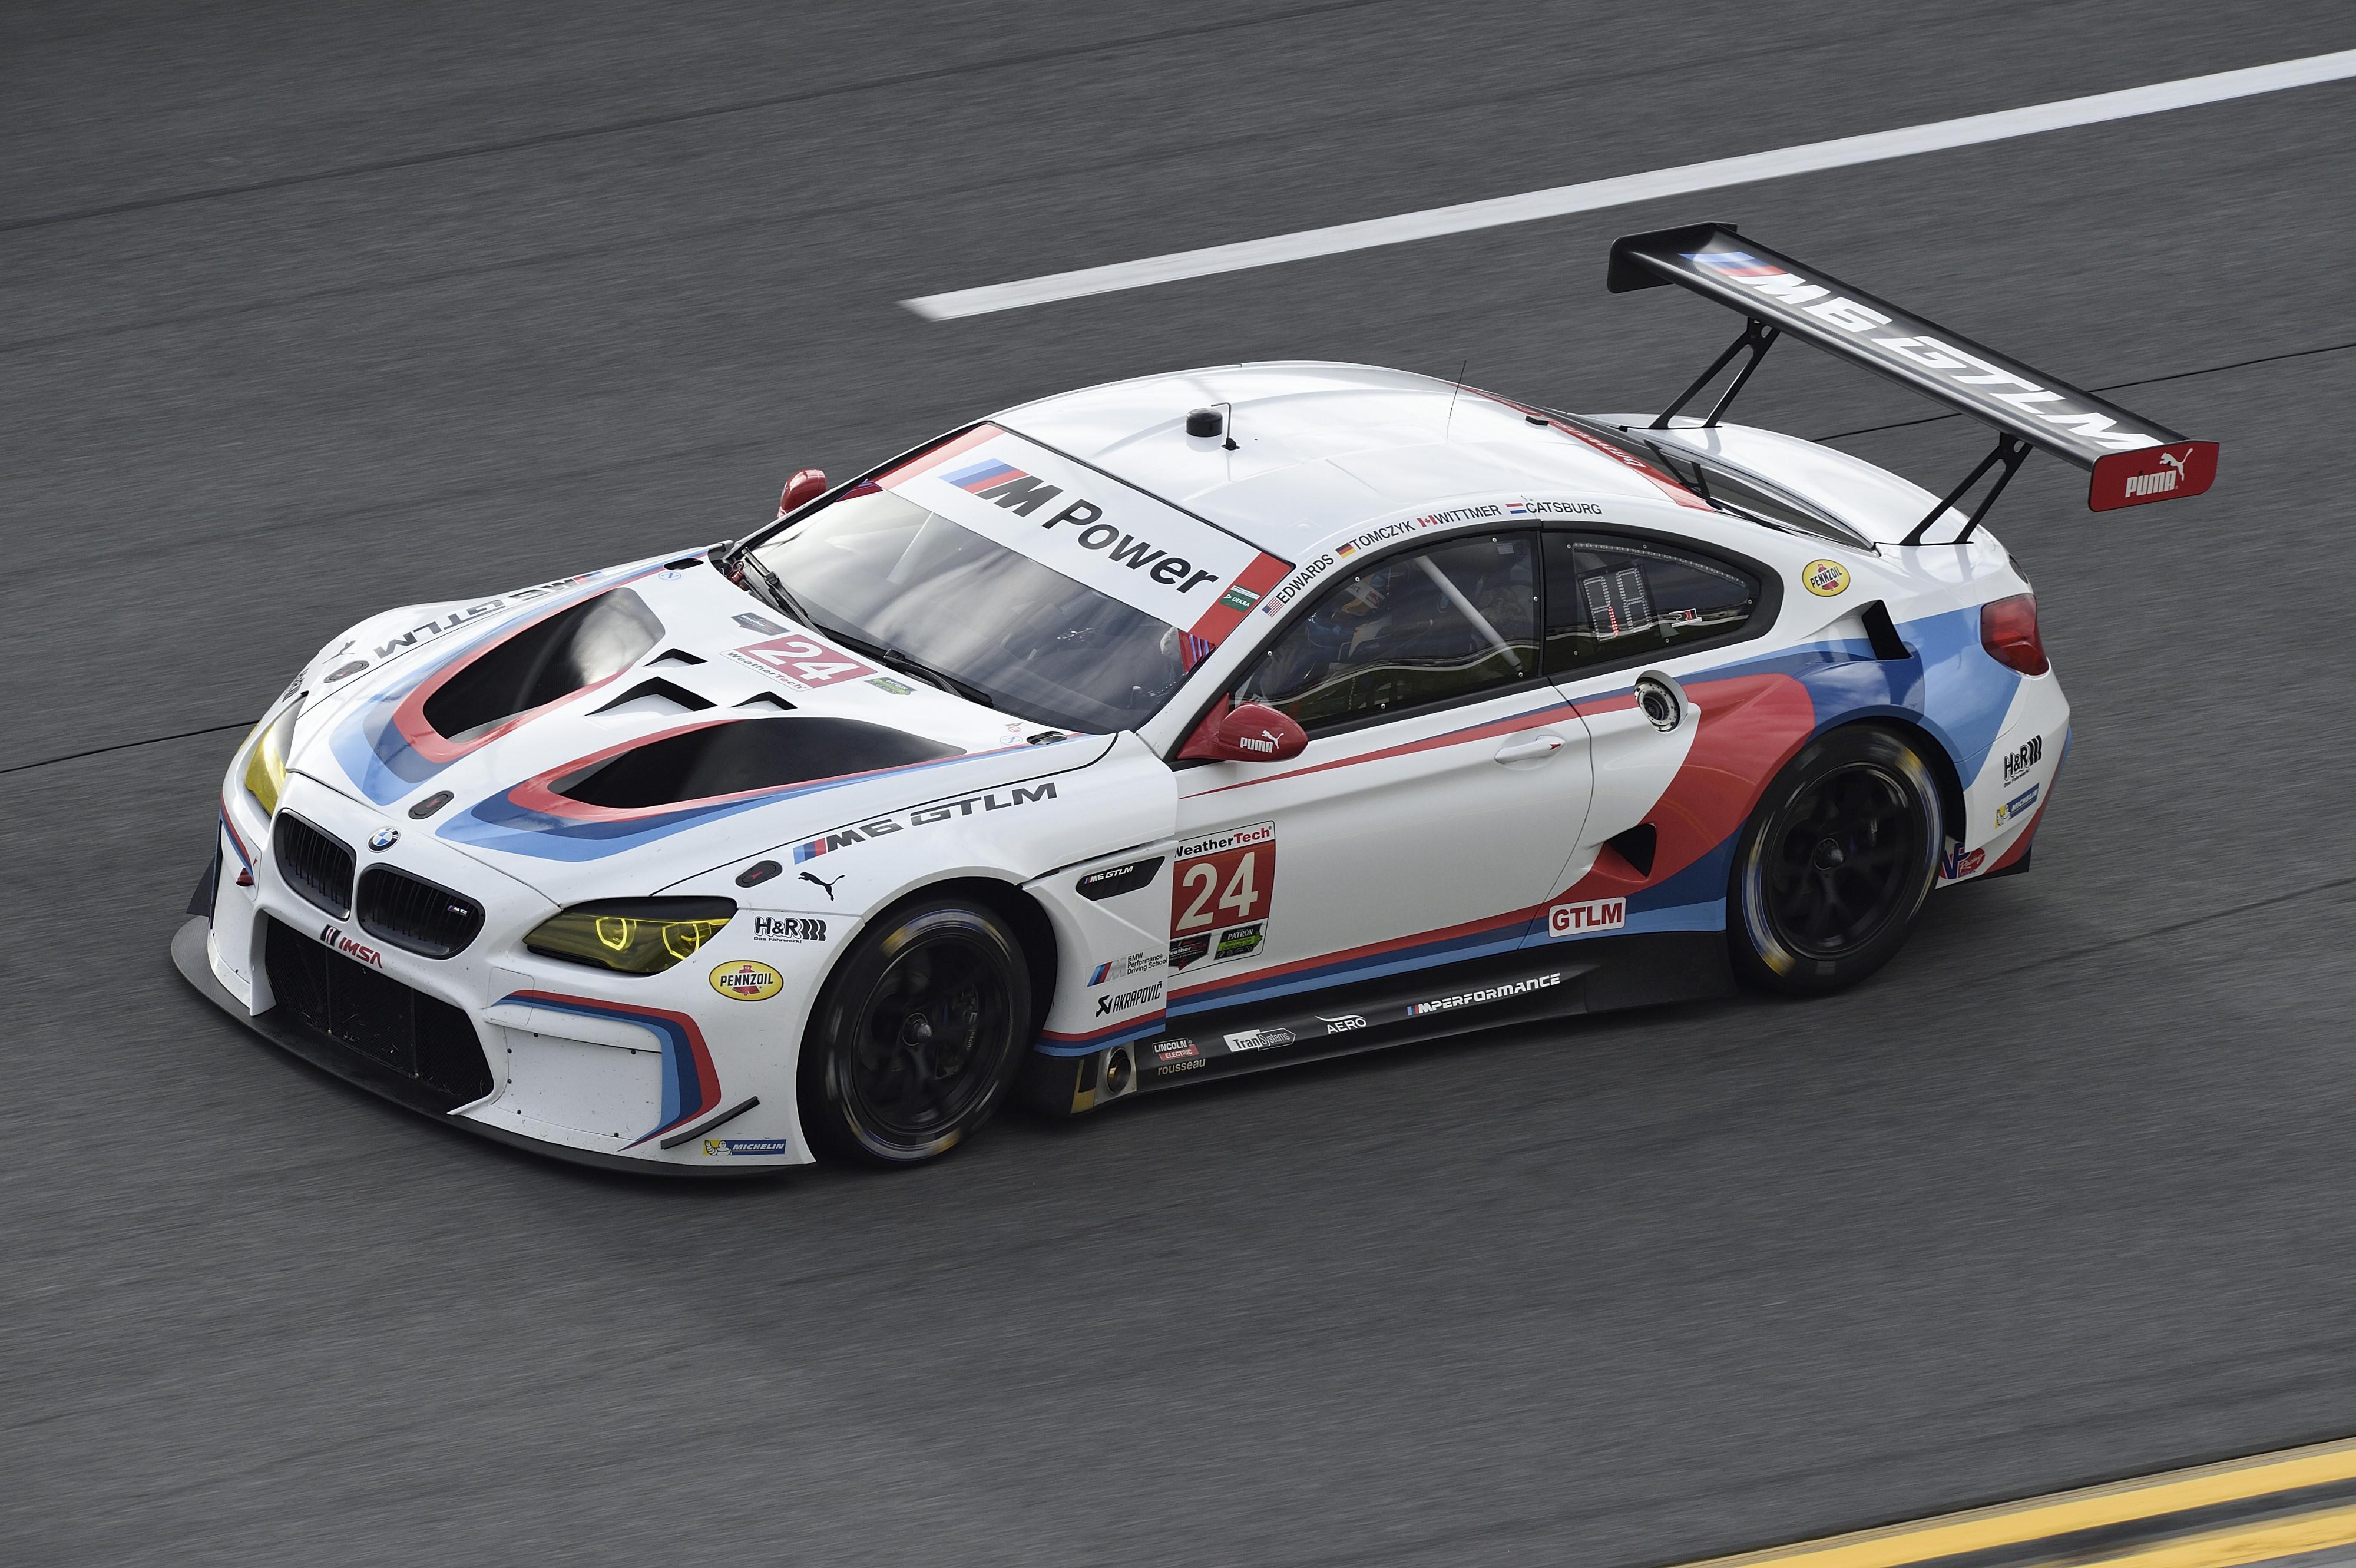 Девятнадцатый арт-кар BMW занял восьмое место в гонке «24 часа Дайтоны»